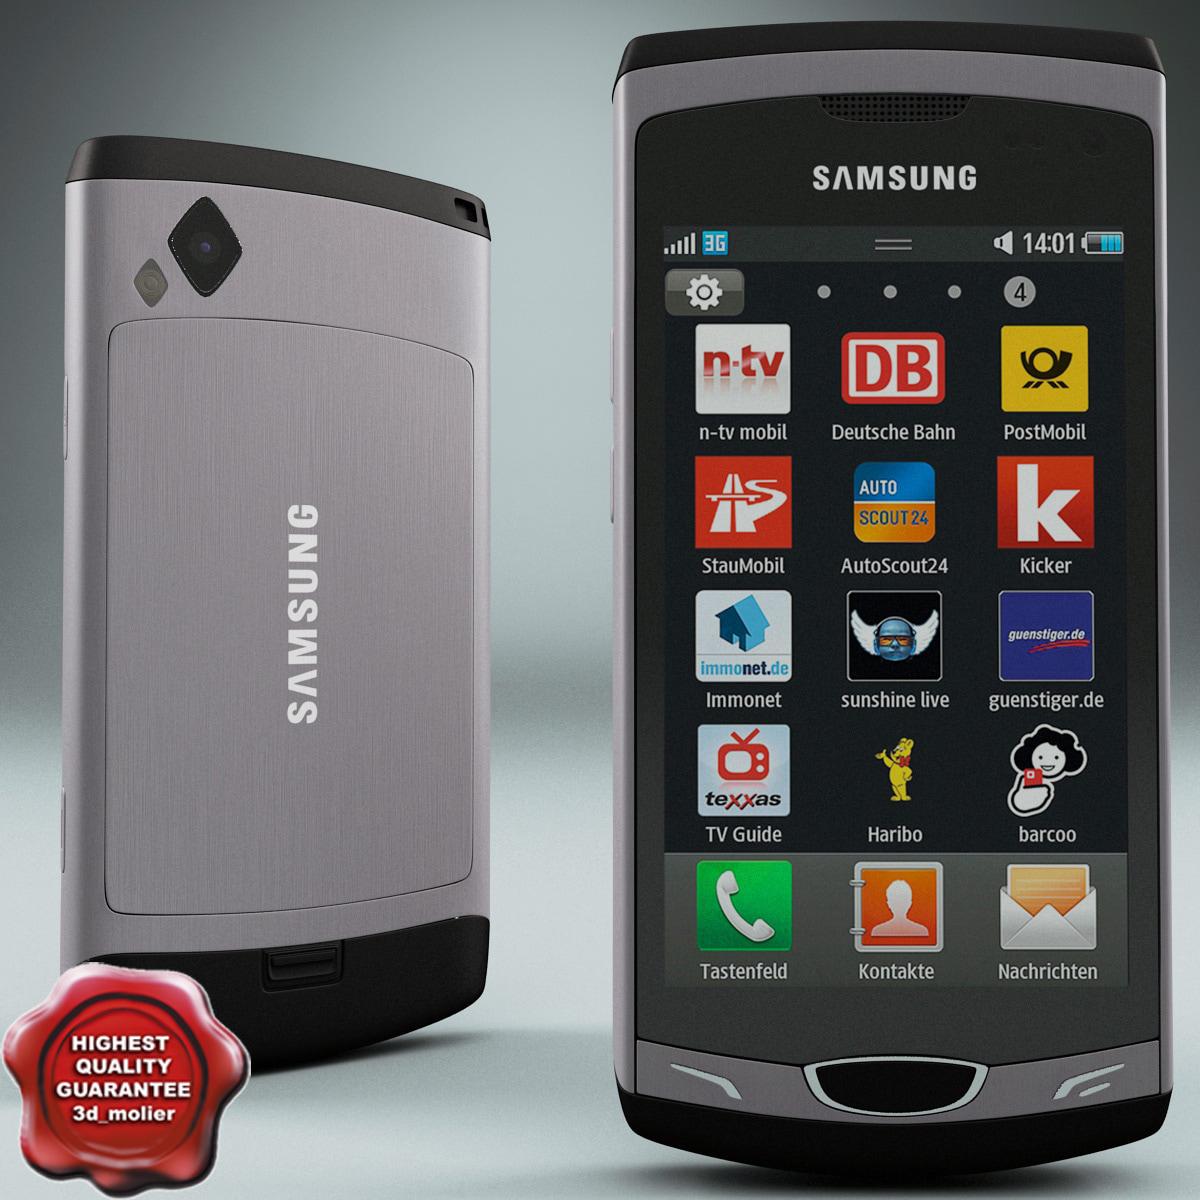 Samsung_Wave_GT_S8530_00.jpg